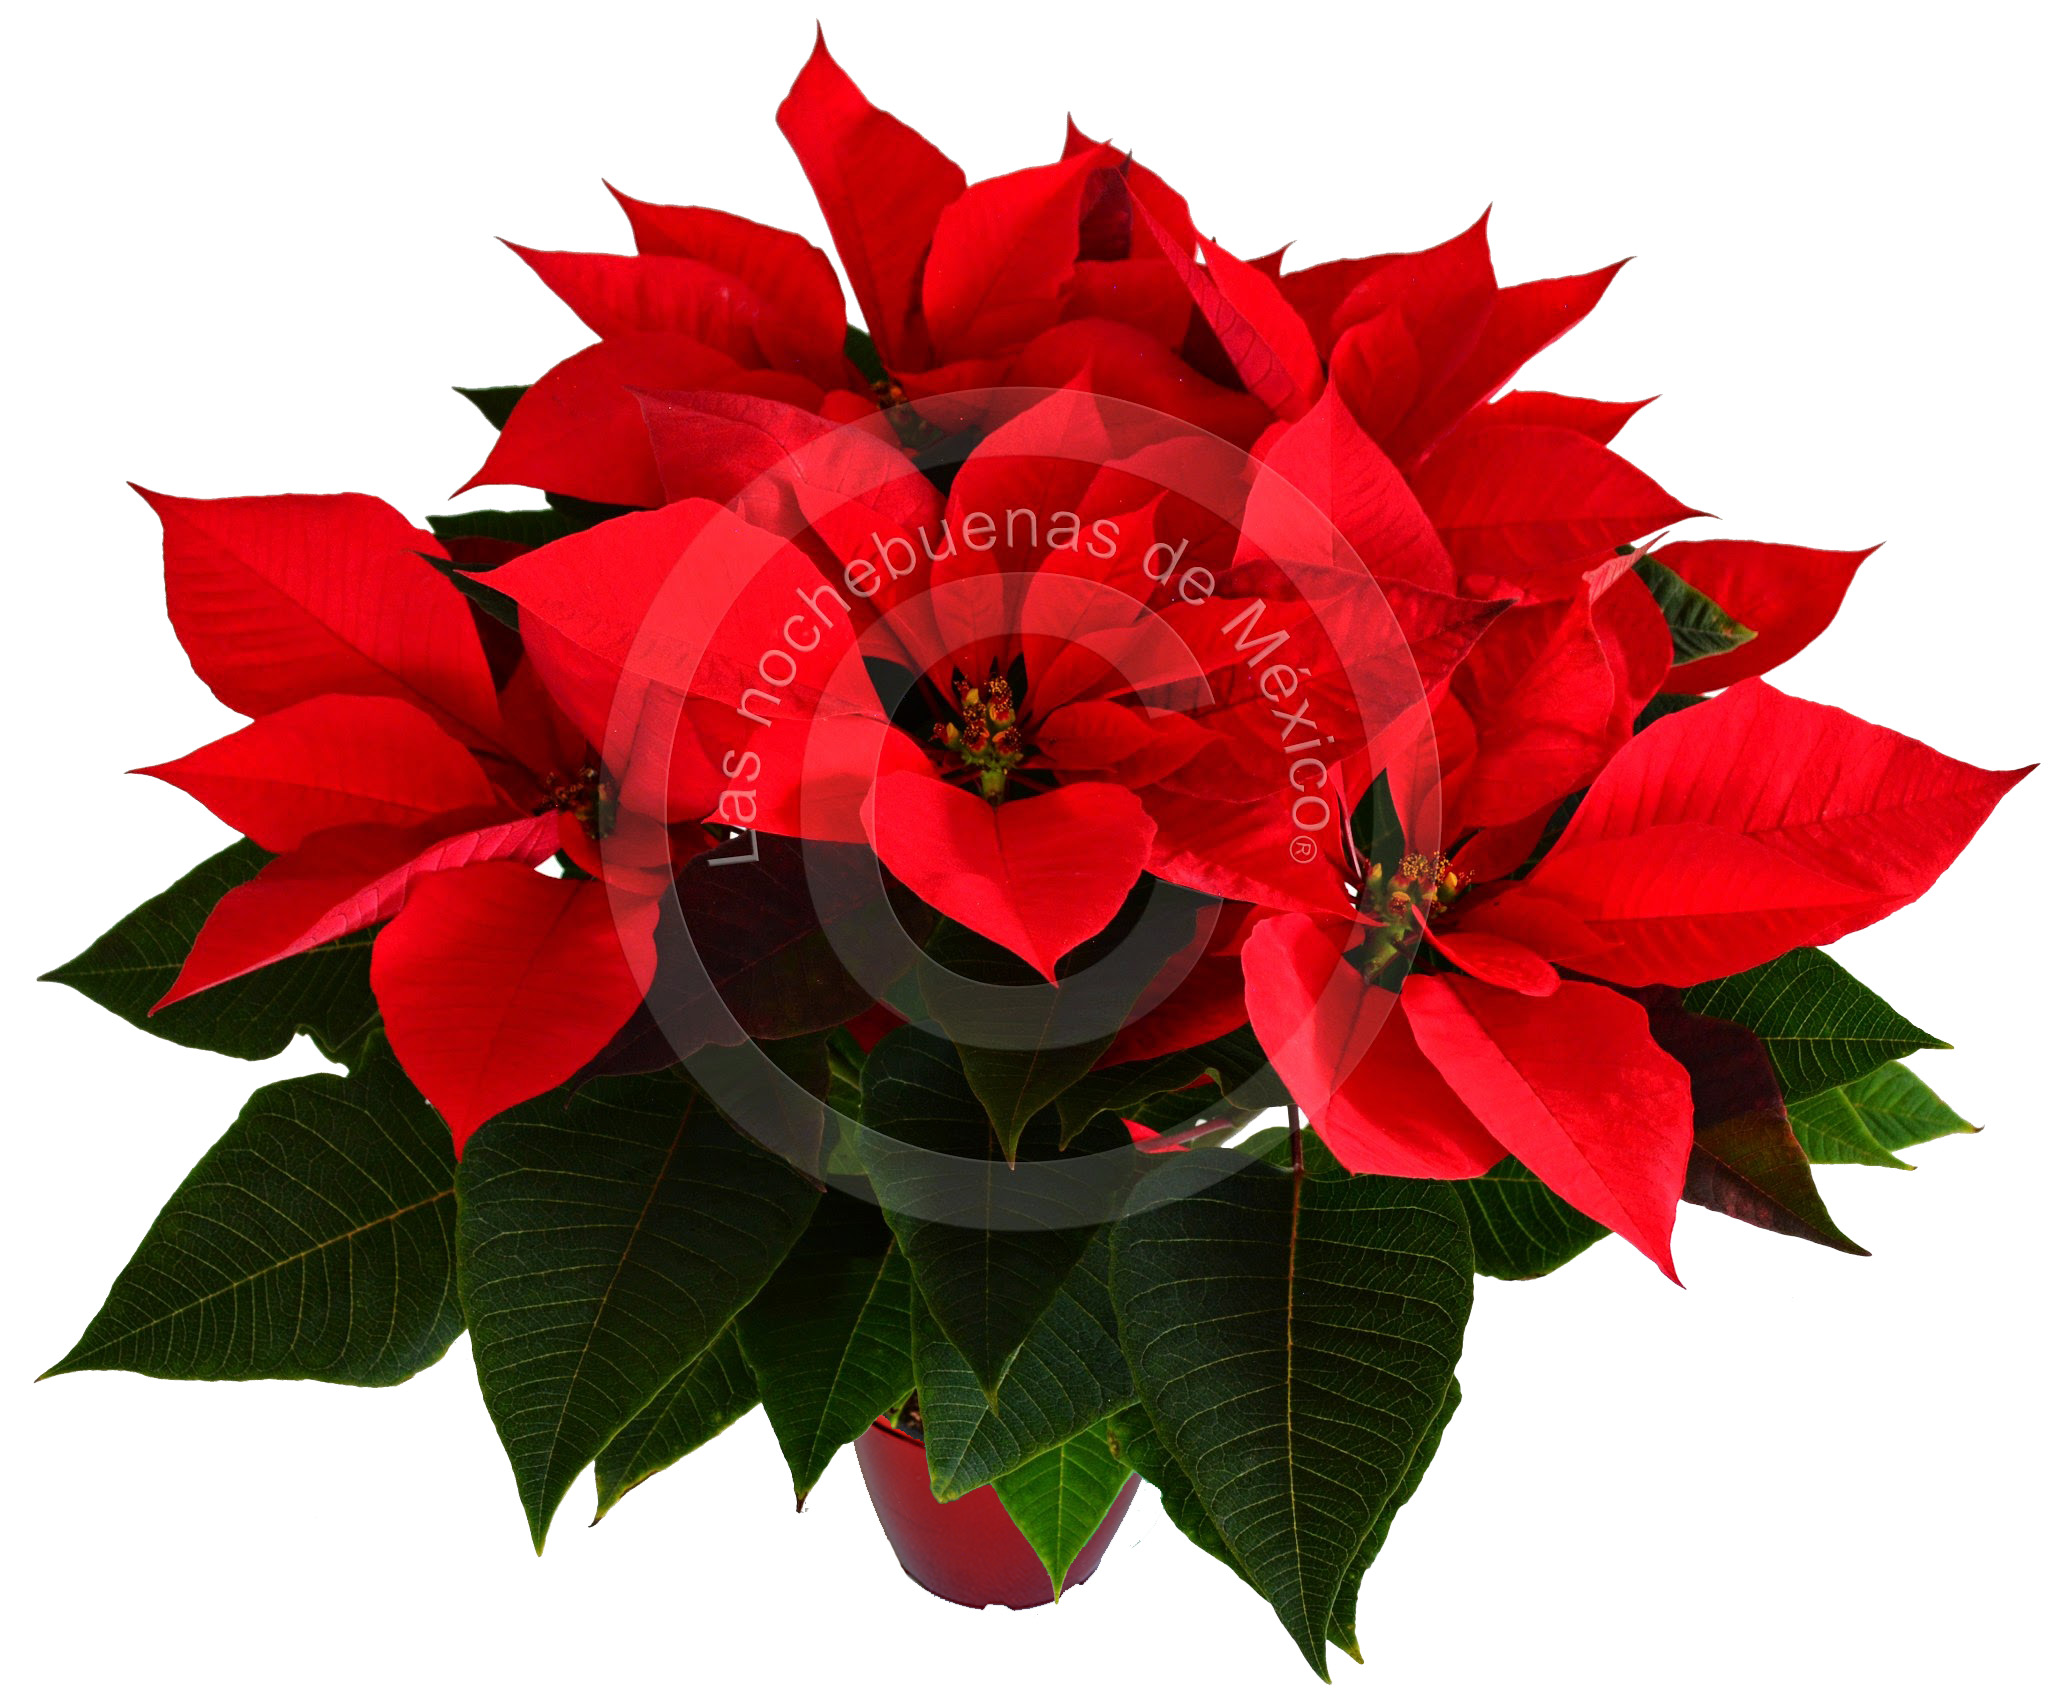 Flor de nochebuena prestige  en maceta de 6 pulgadas